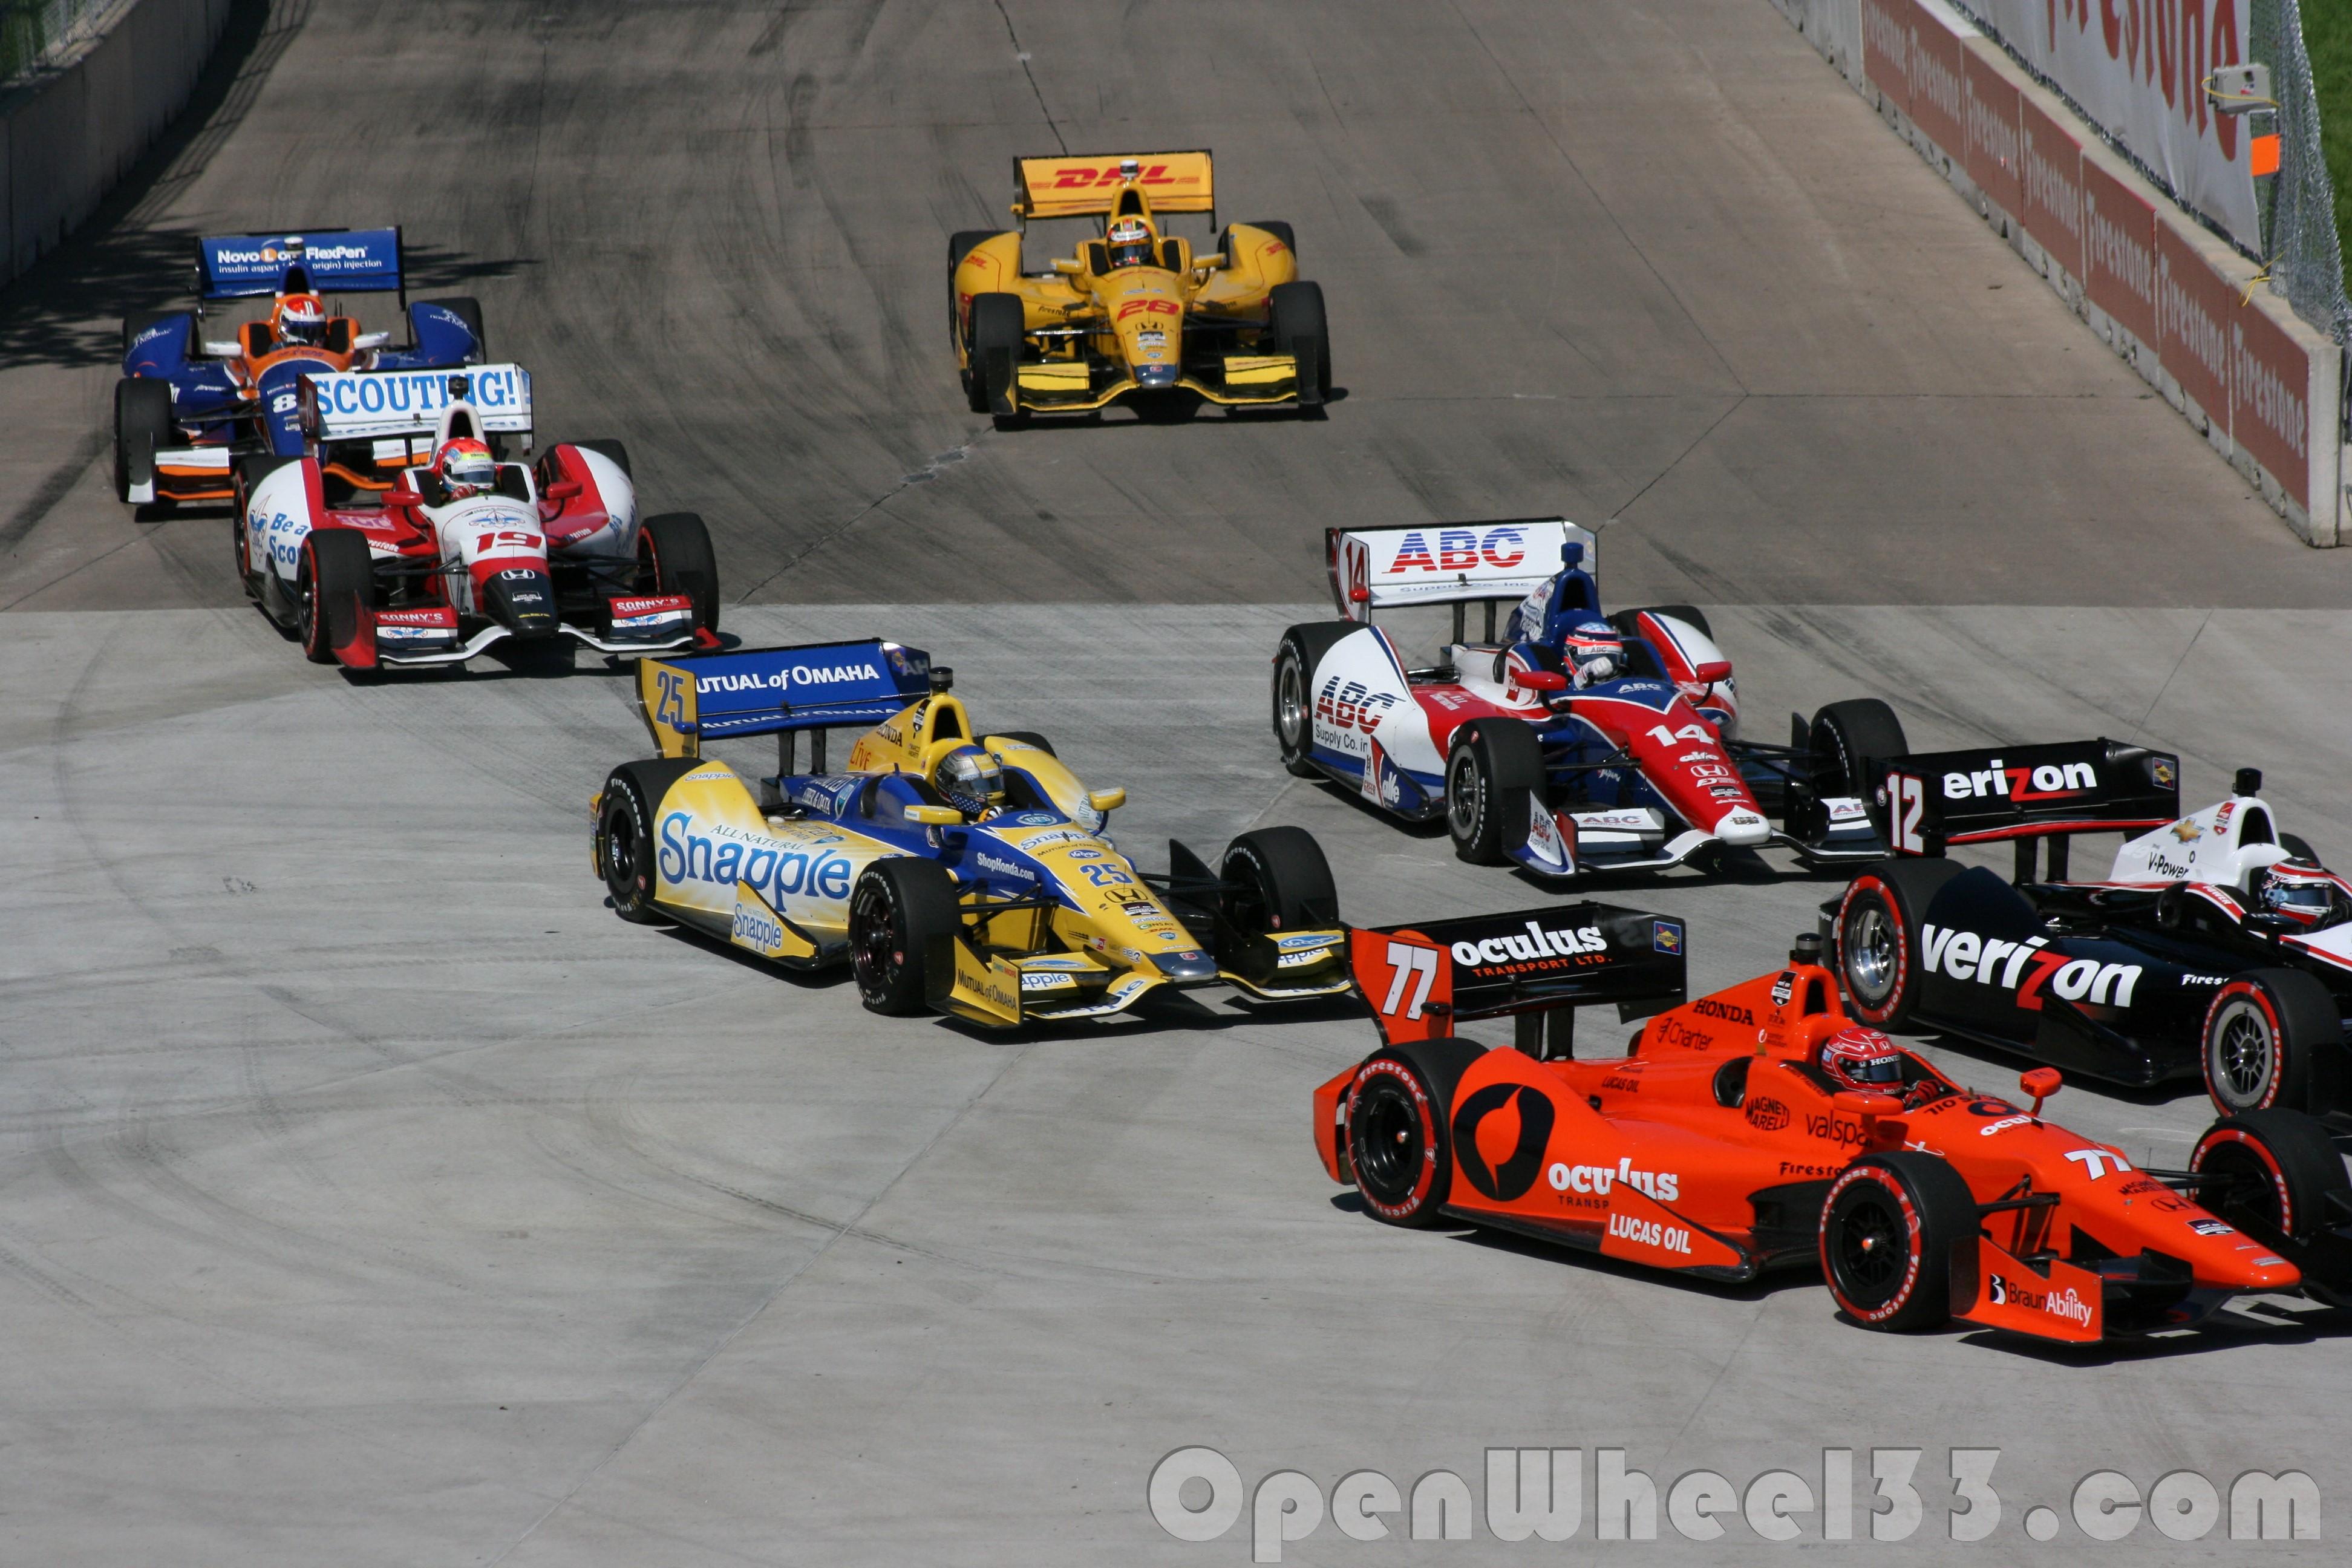 2014 Detroit GP R1 - 44 - PH